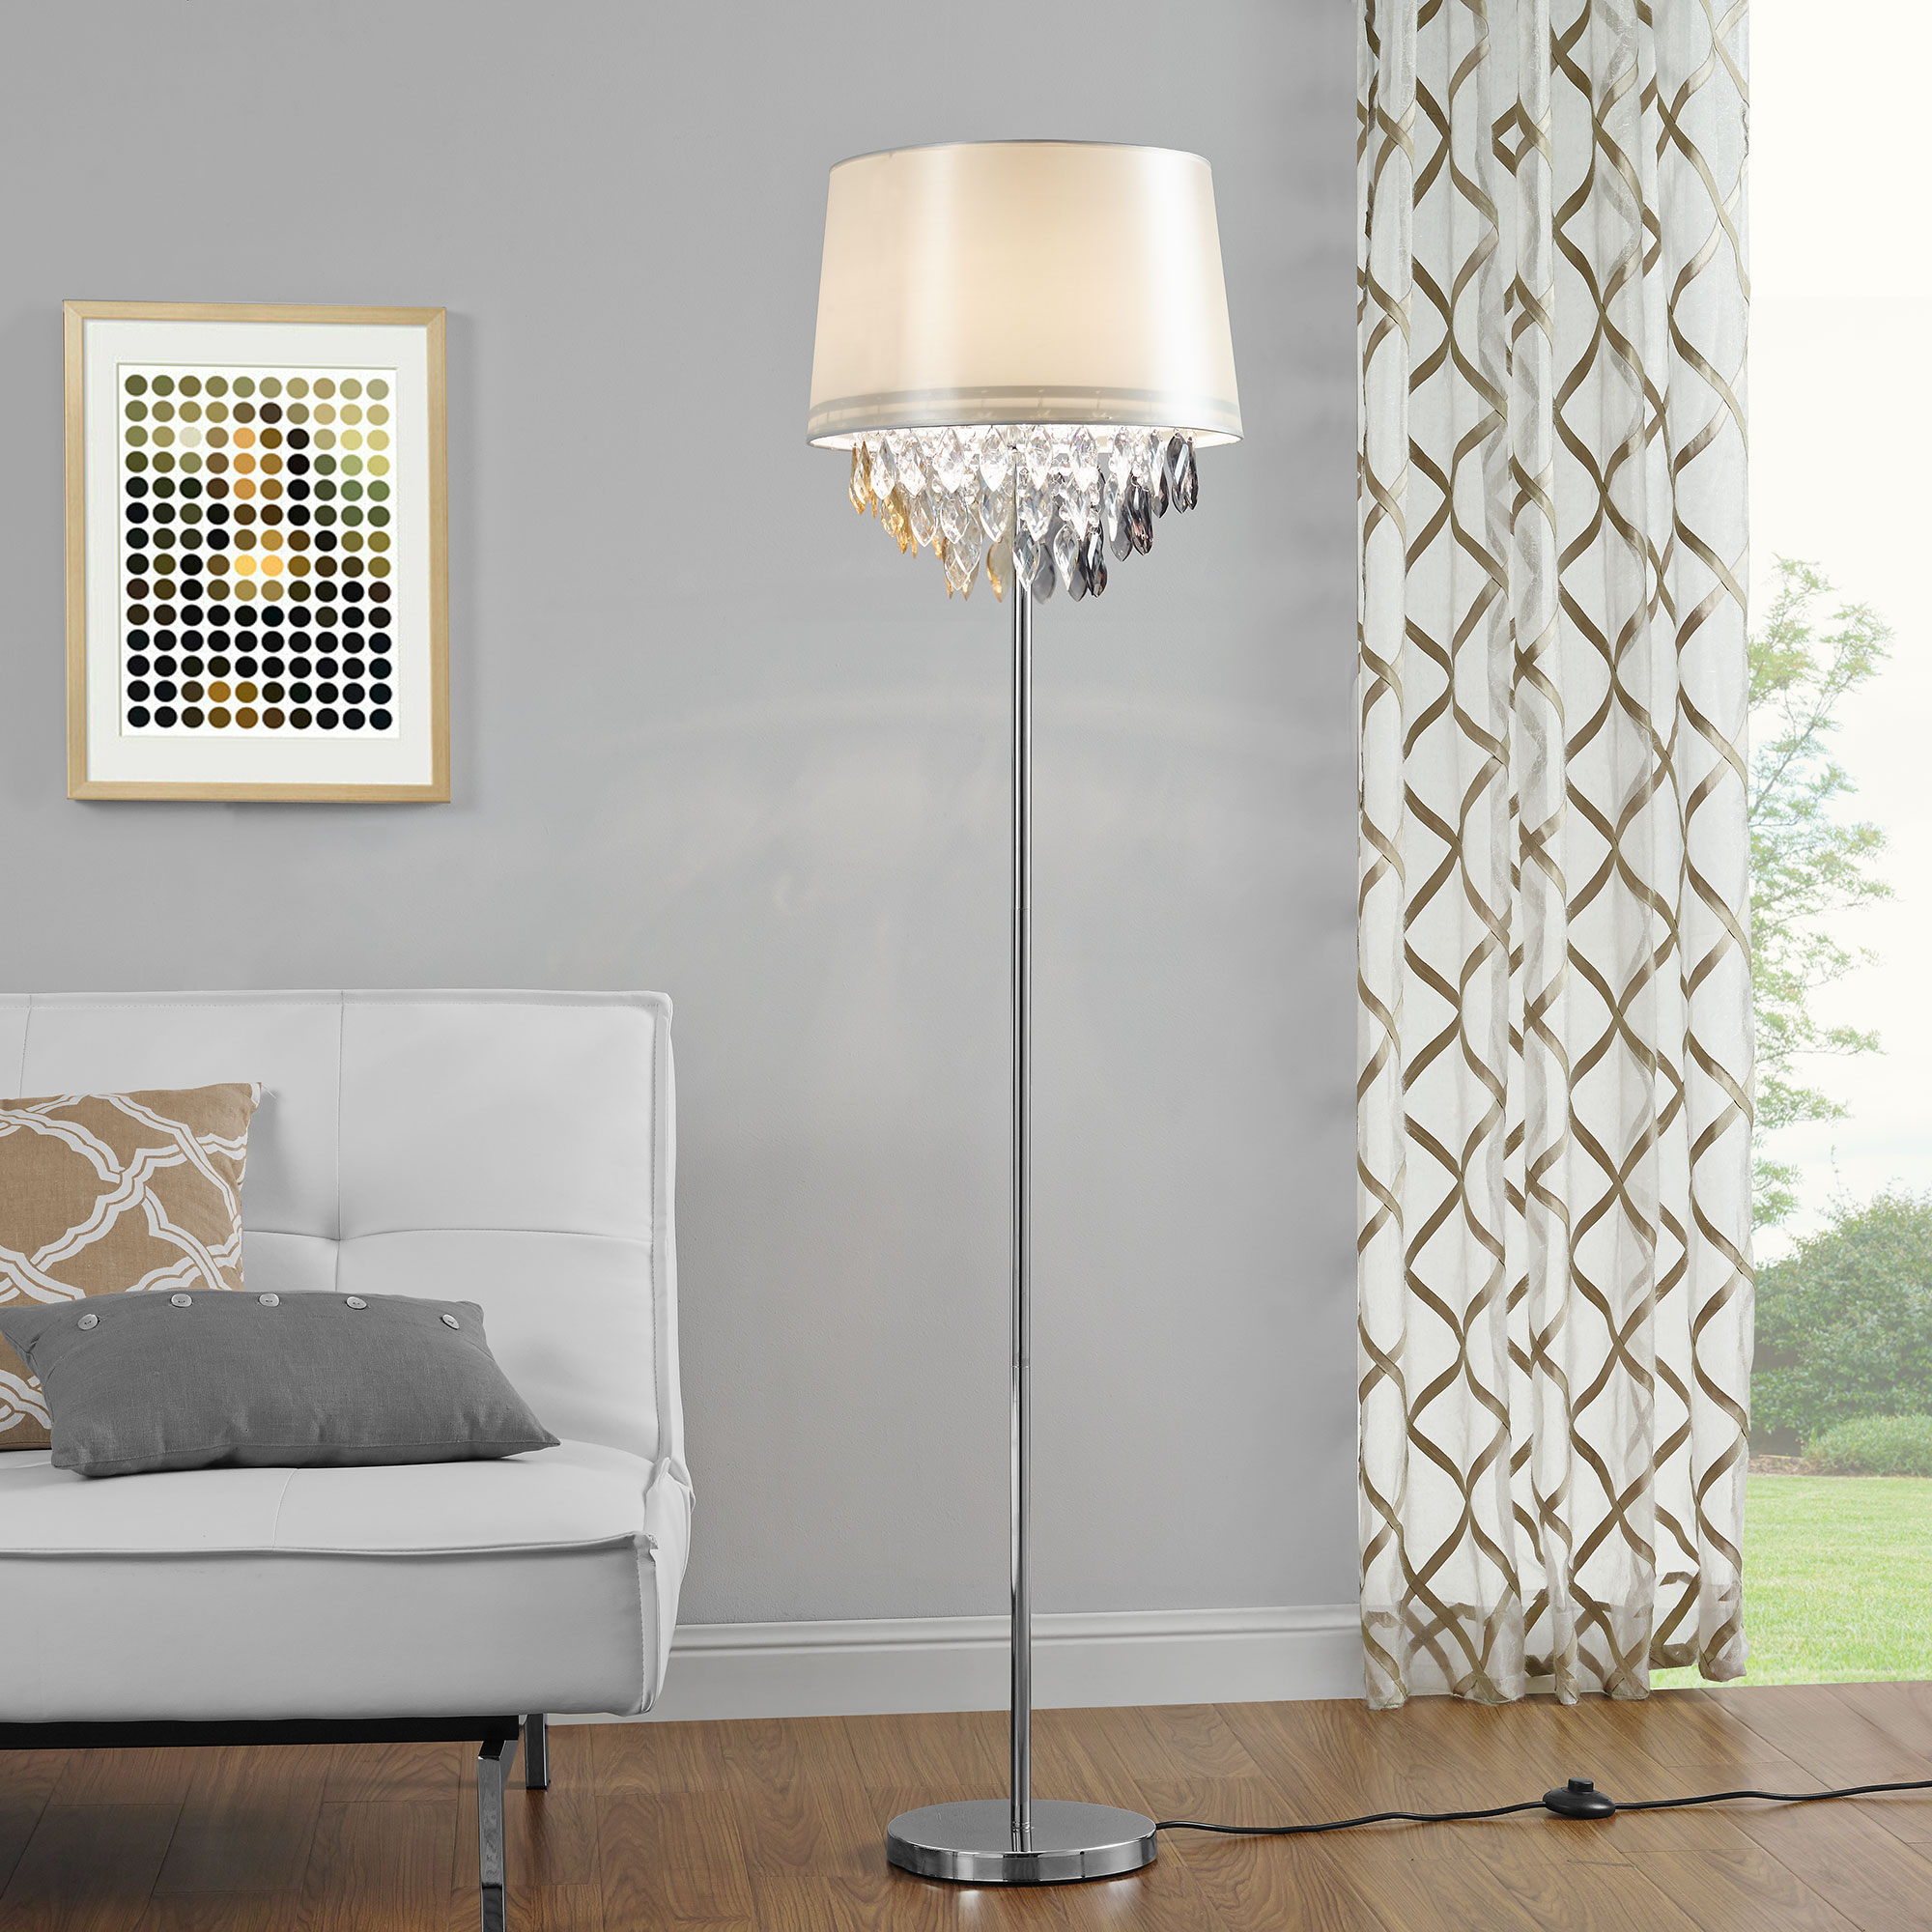 Nobile lampada da terra lampada piantana lampada salotto for Lampada salotto